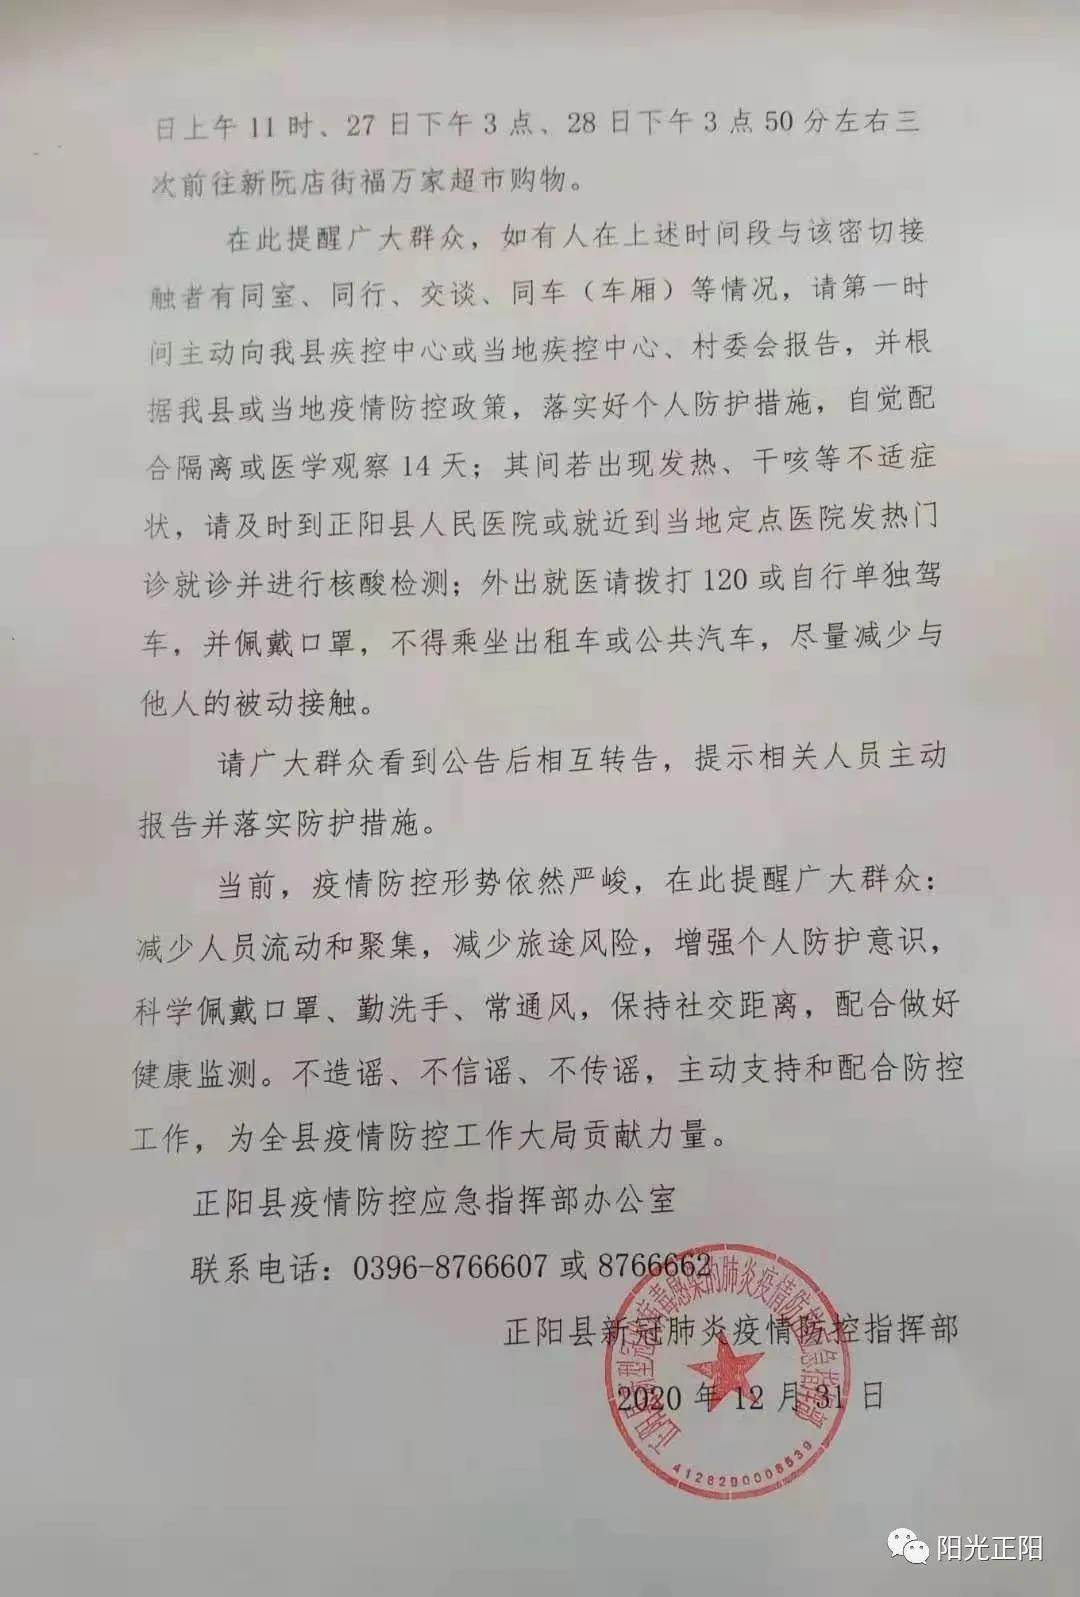 驻马店正阳县公布一名密接者的活动轨迹,曾乘坐这趟列车、大巴